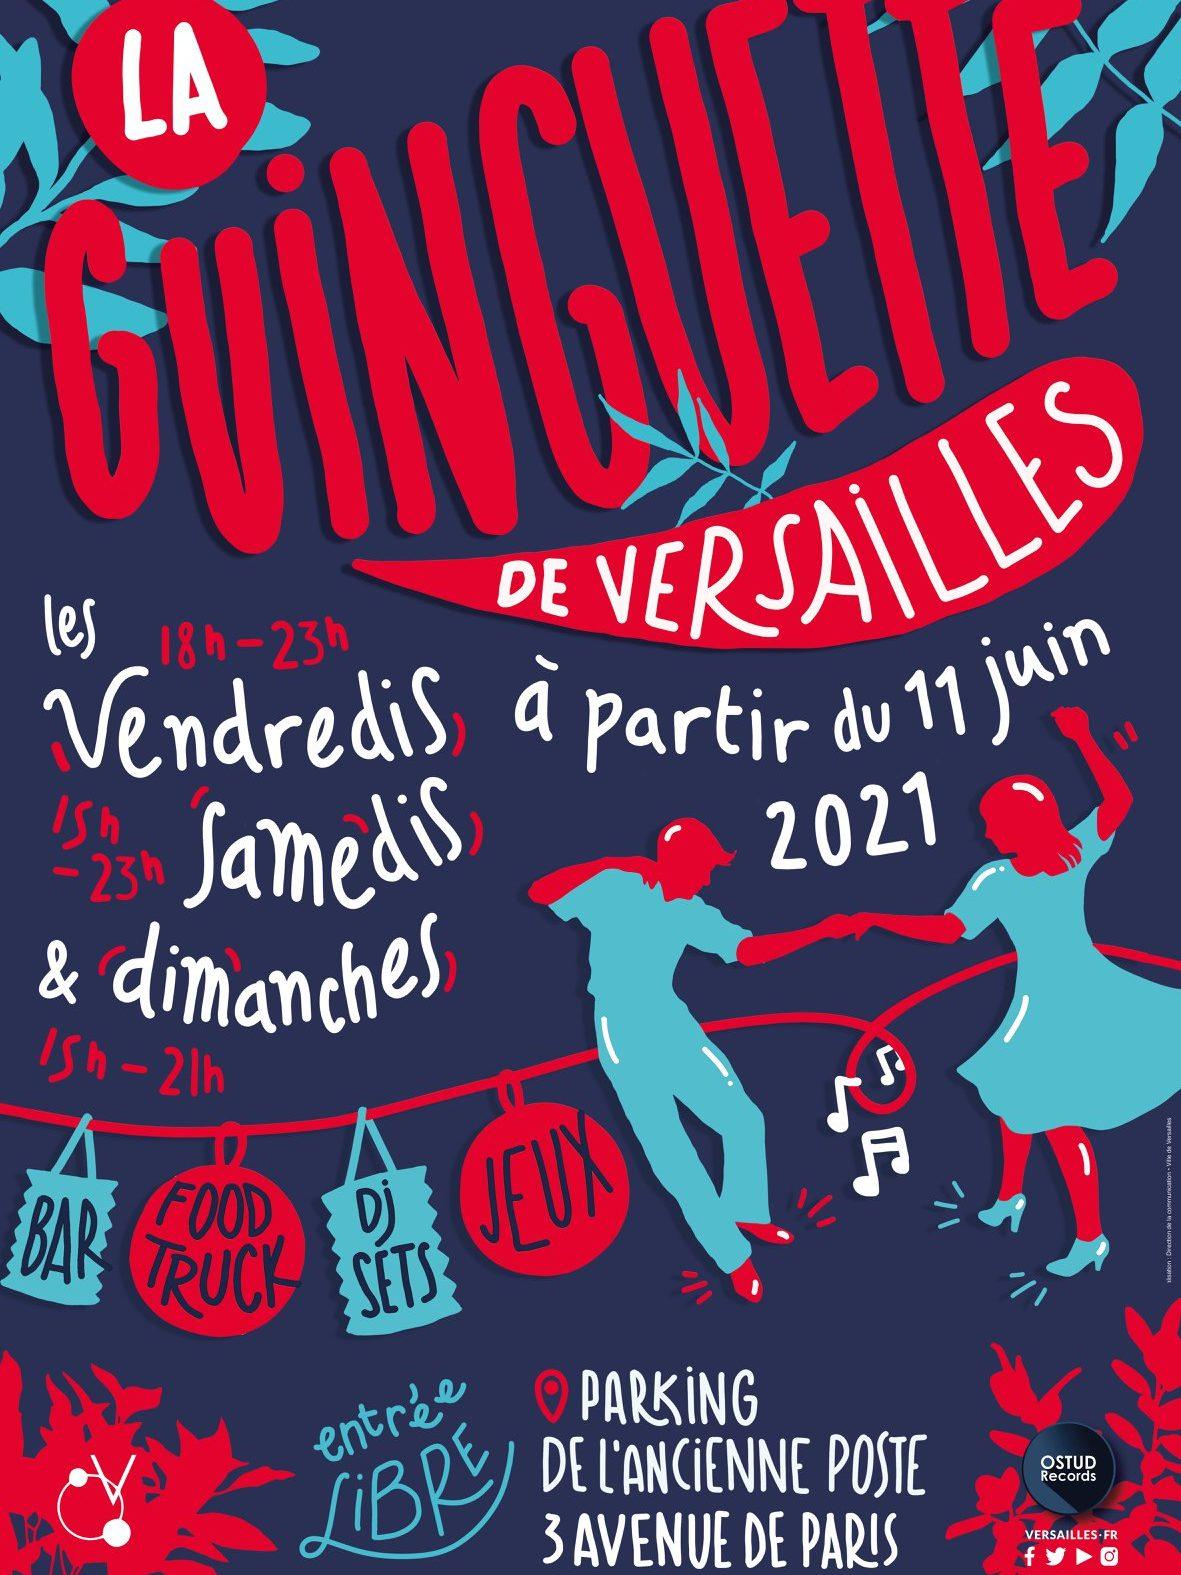 La Guingette de Versailles revient!